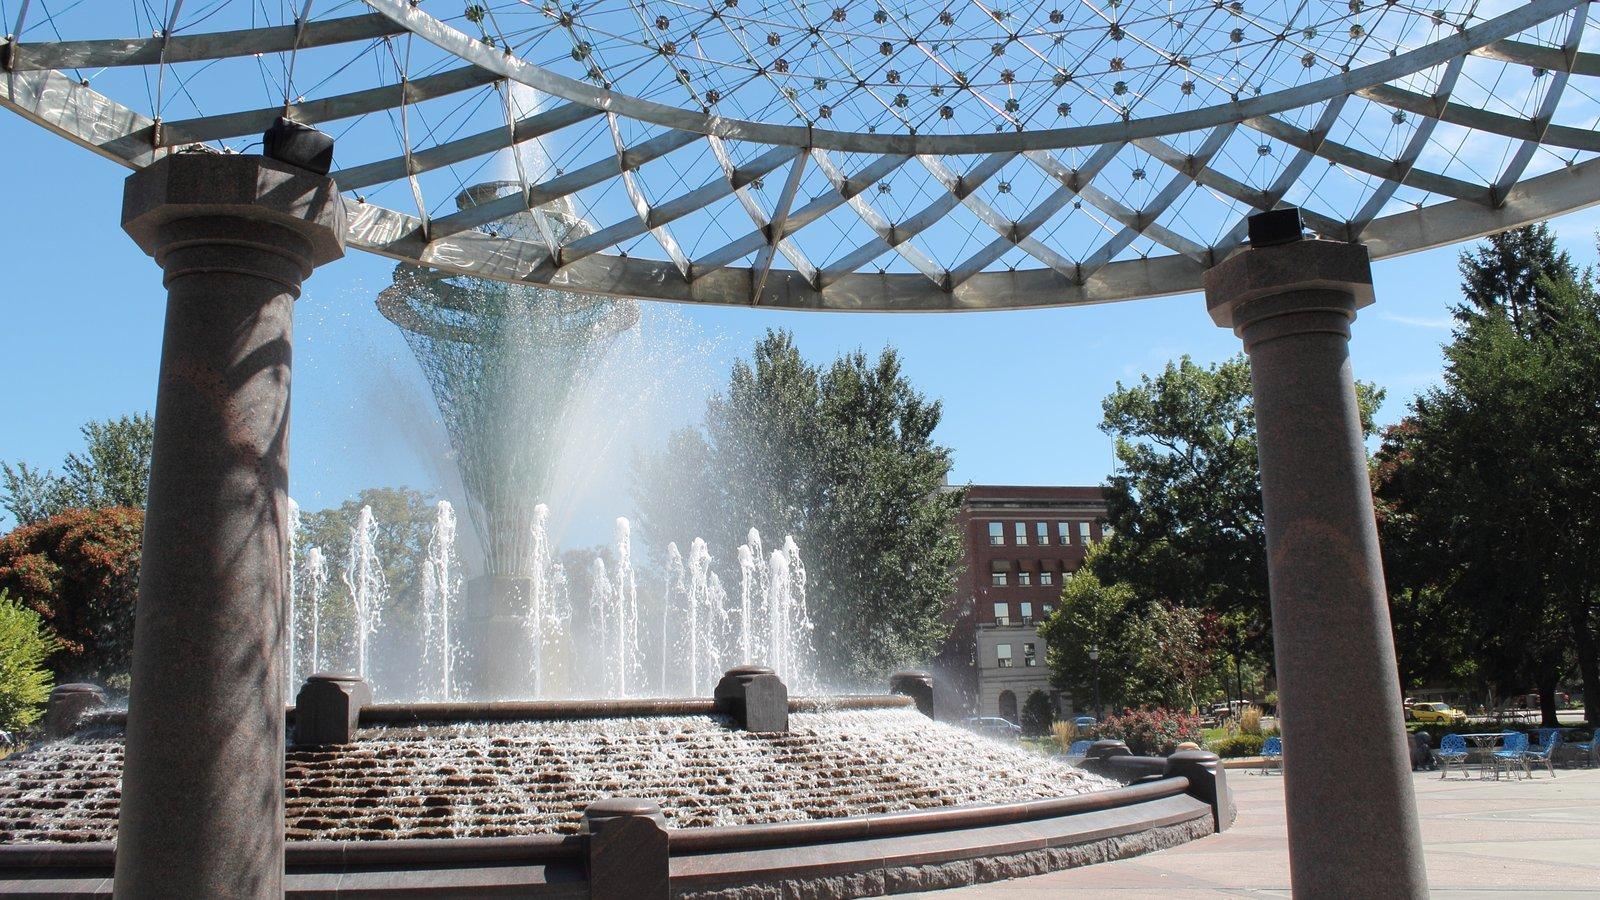 Council Bluffs que incluye un parque o plaza y una fuente